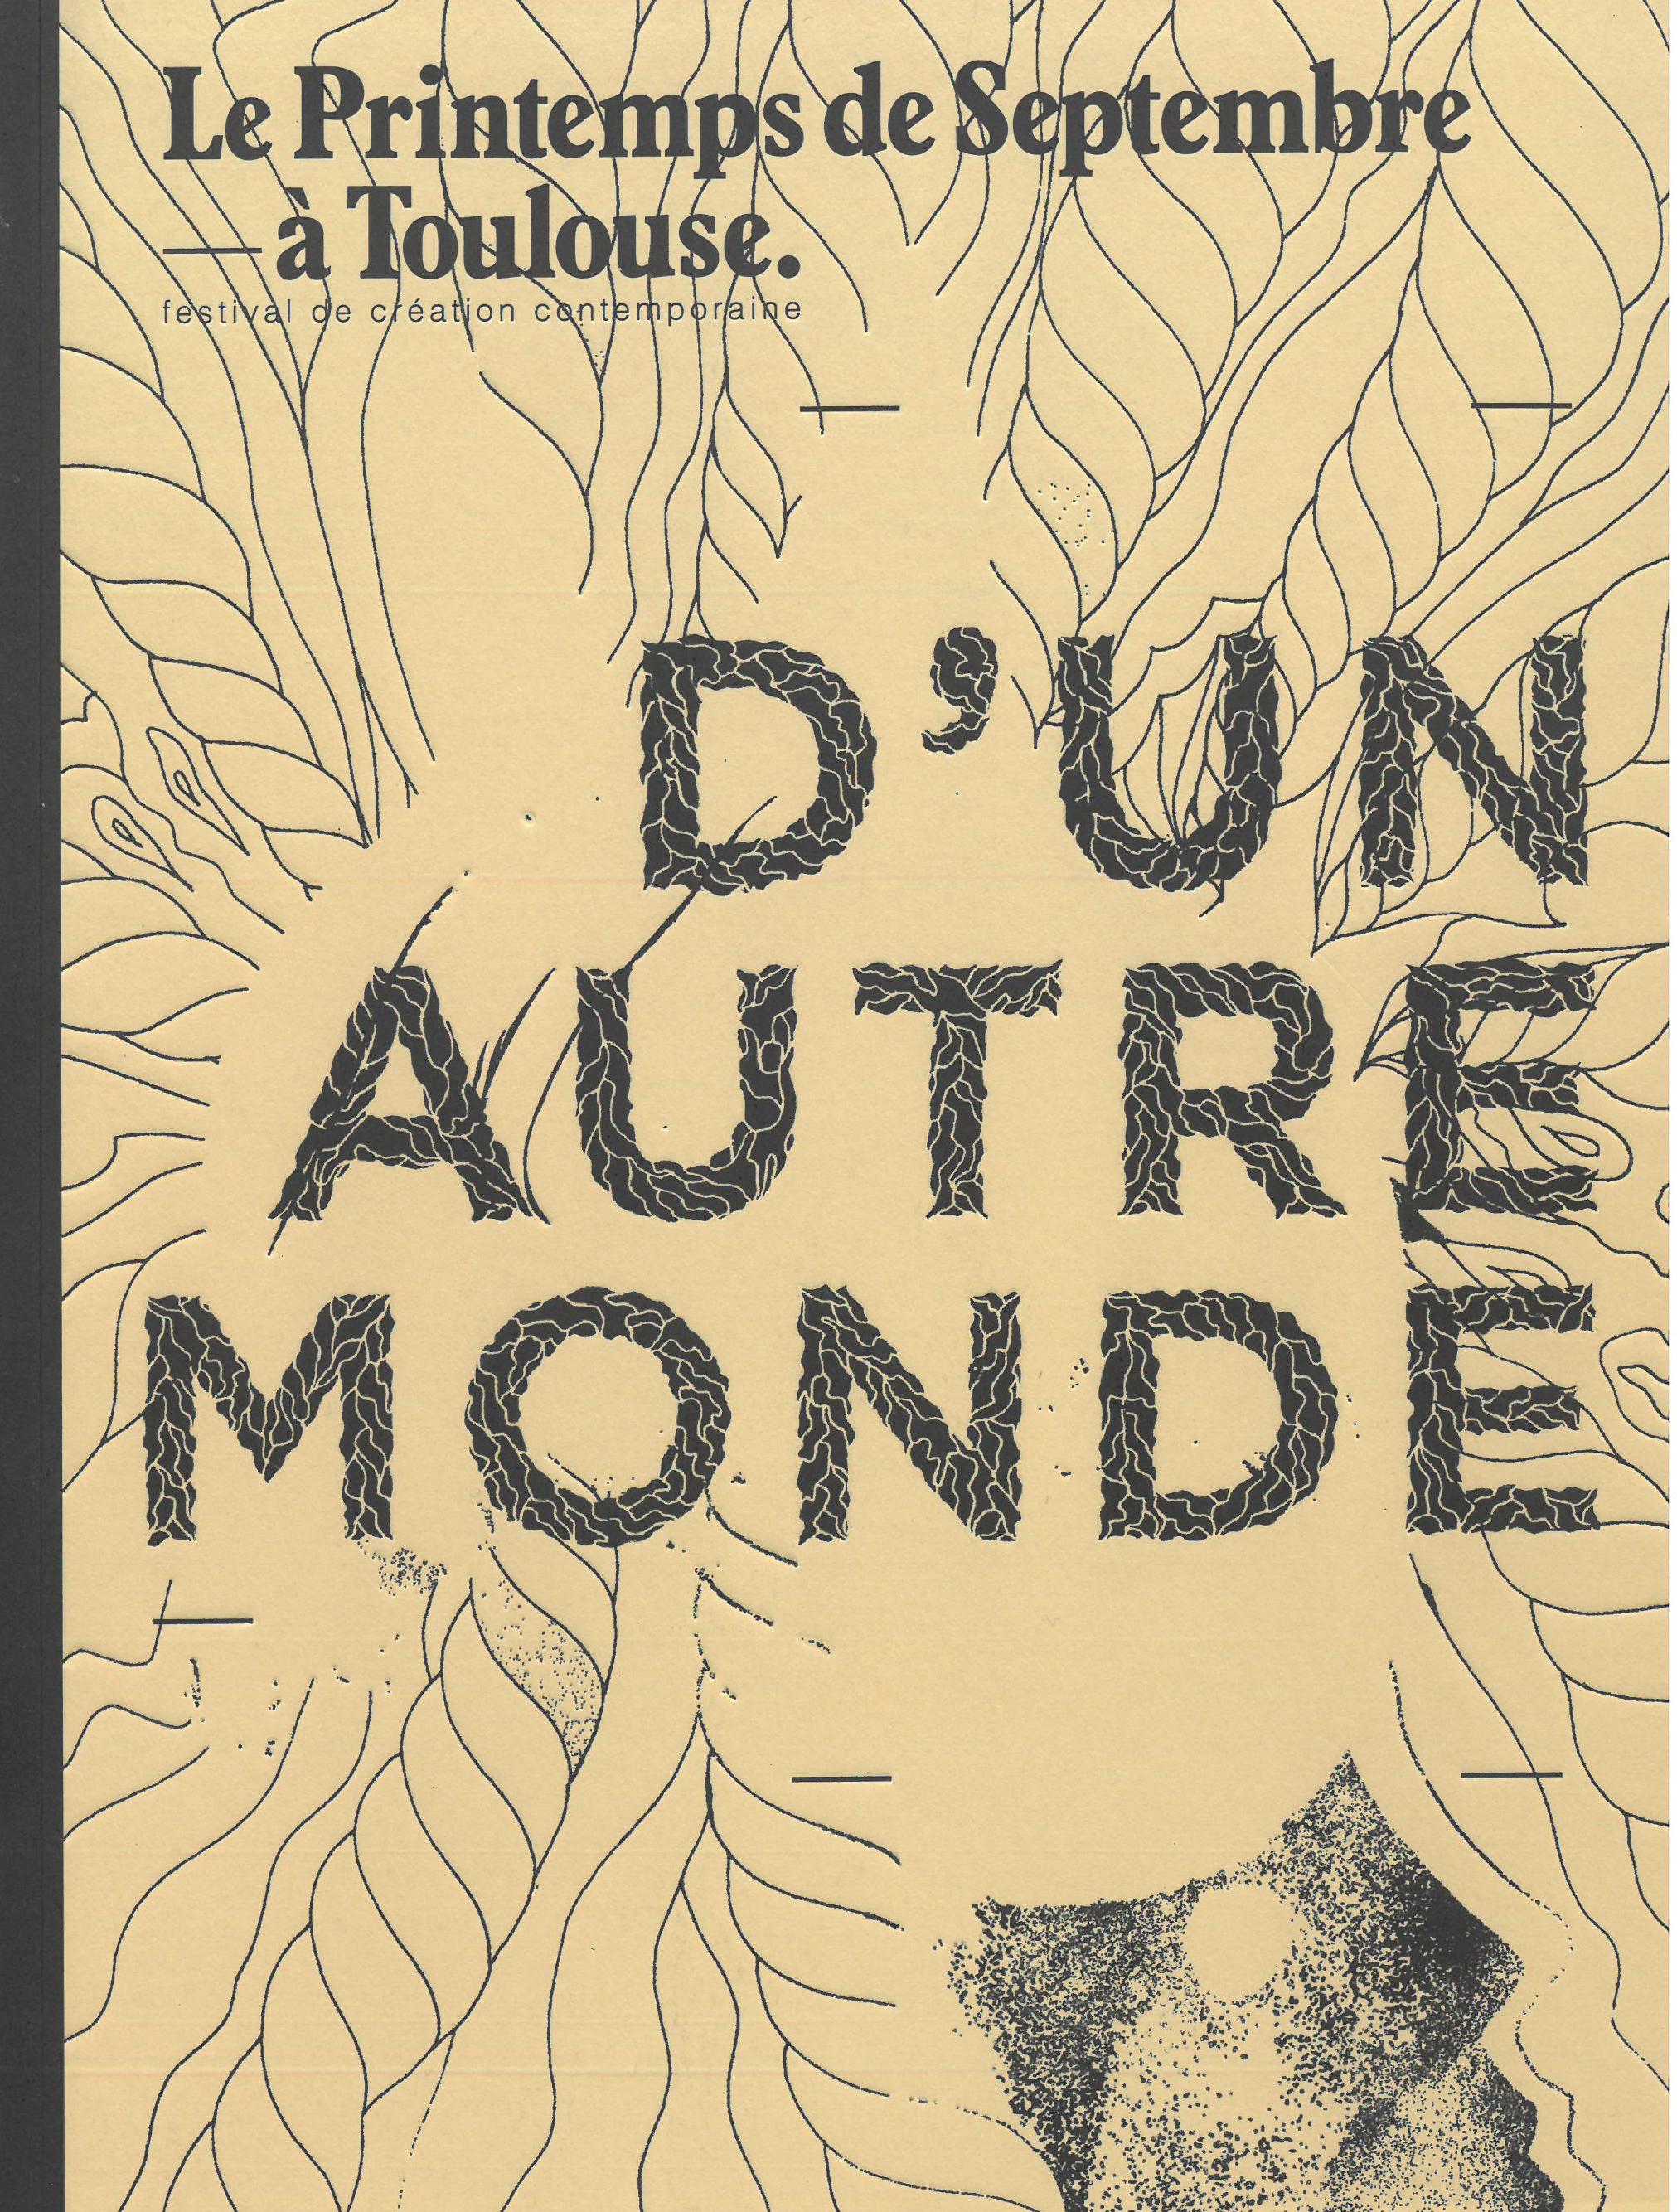 """""""Le Printemps de Septembre à Toulouse: festival de création contemporaine. D'un Autre Monde"""". Dijon: Les Presses du Réel, 2011."""